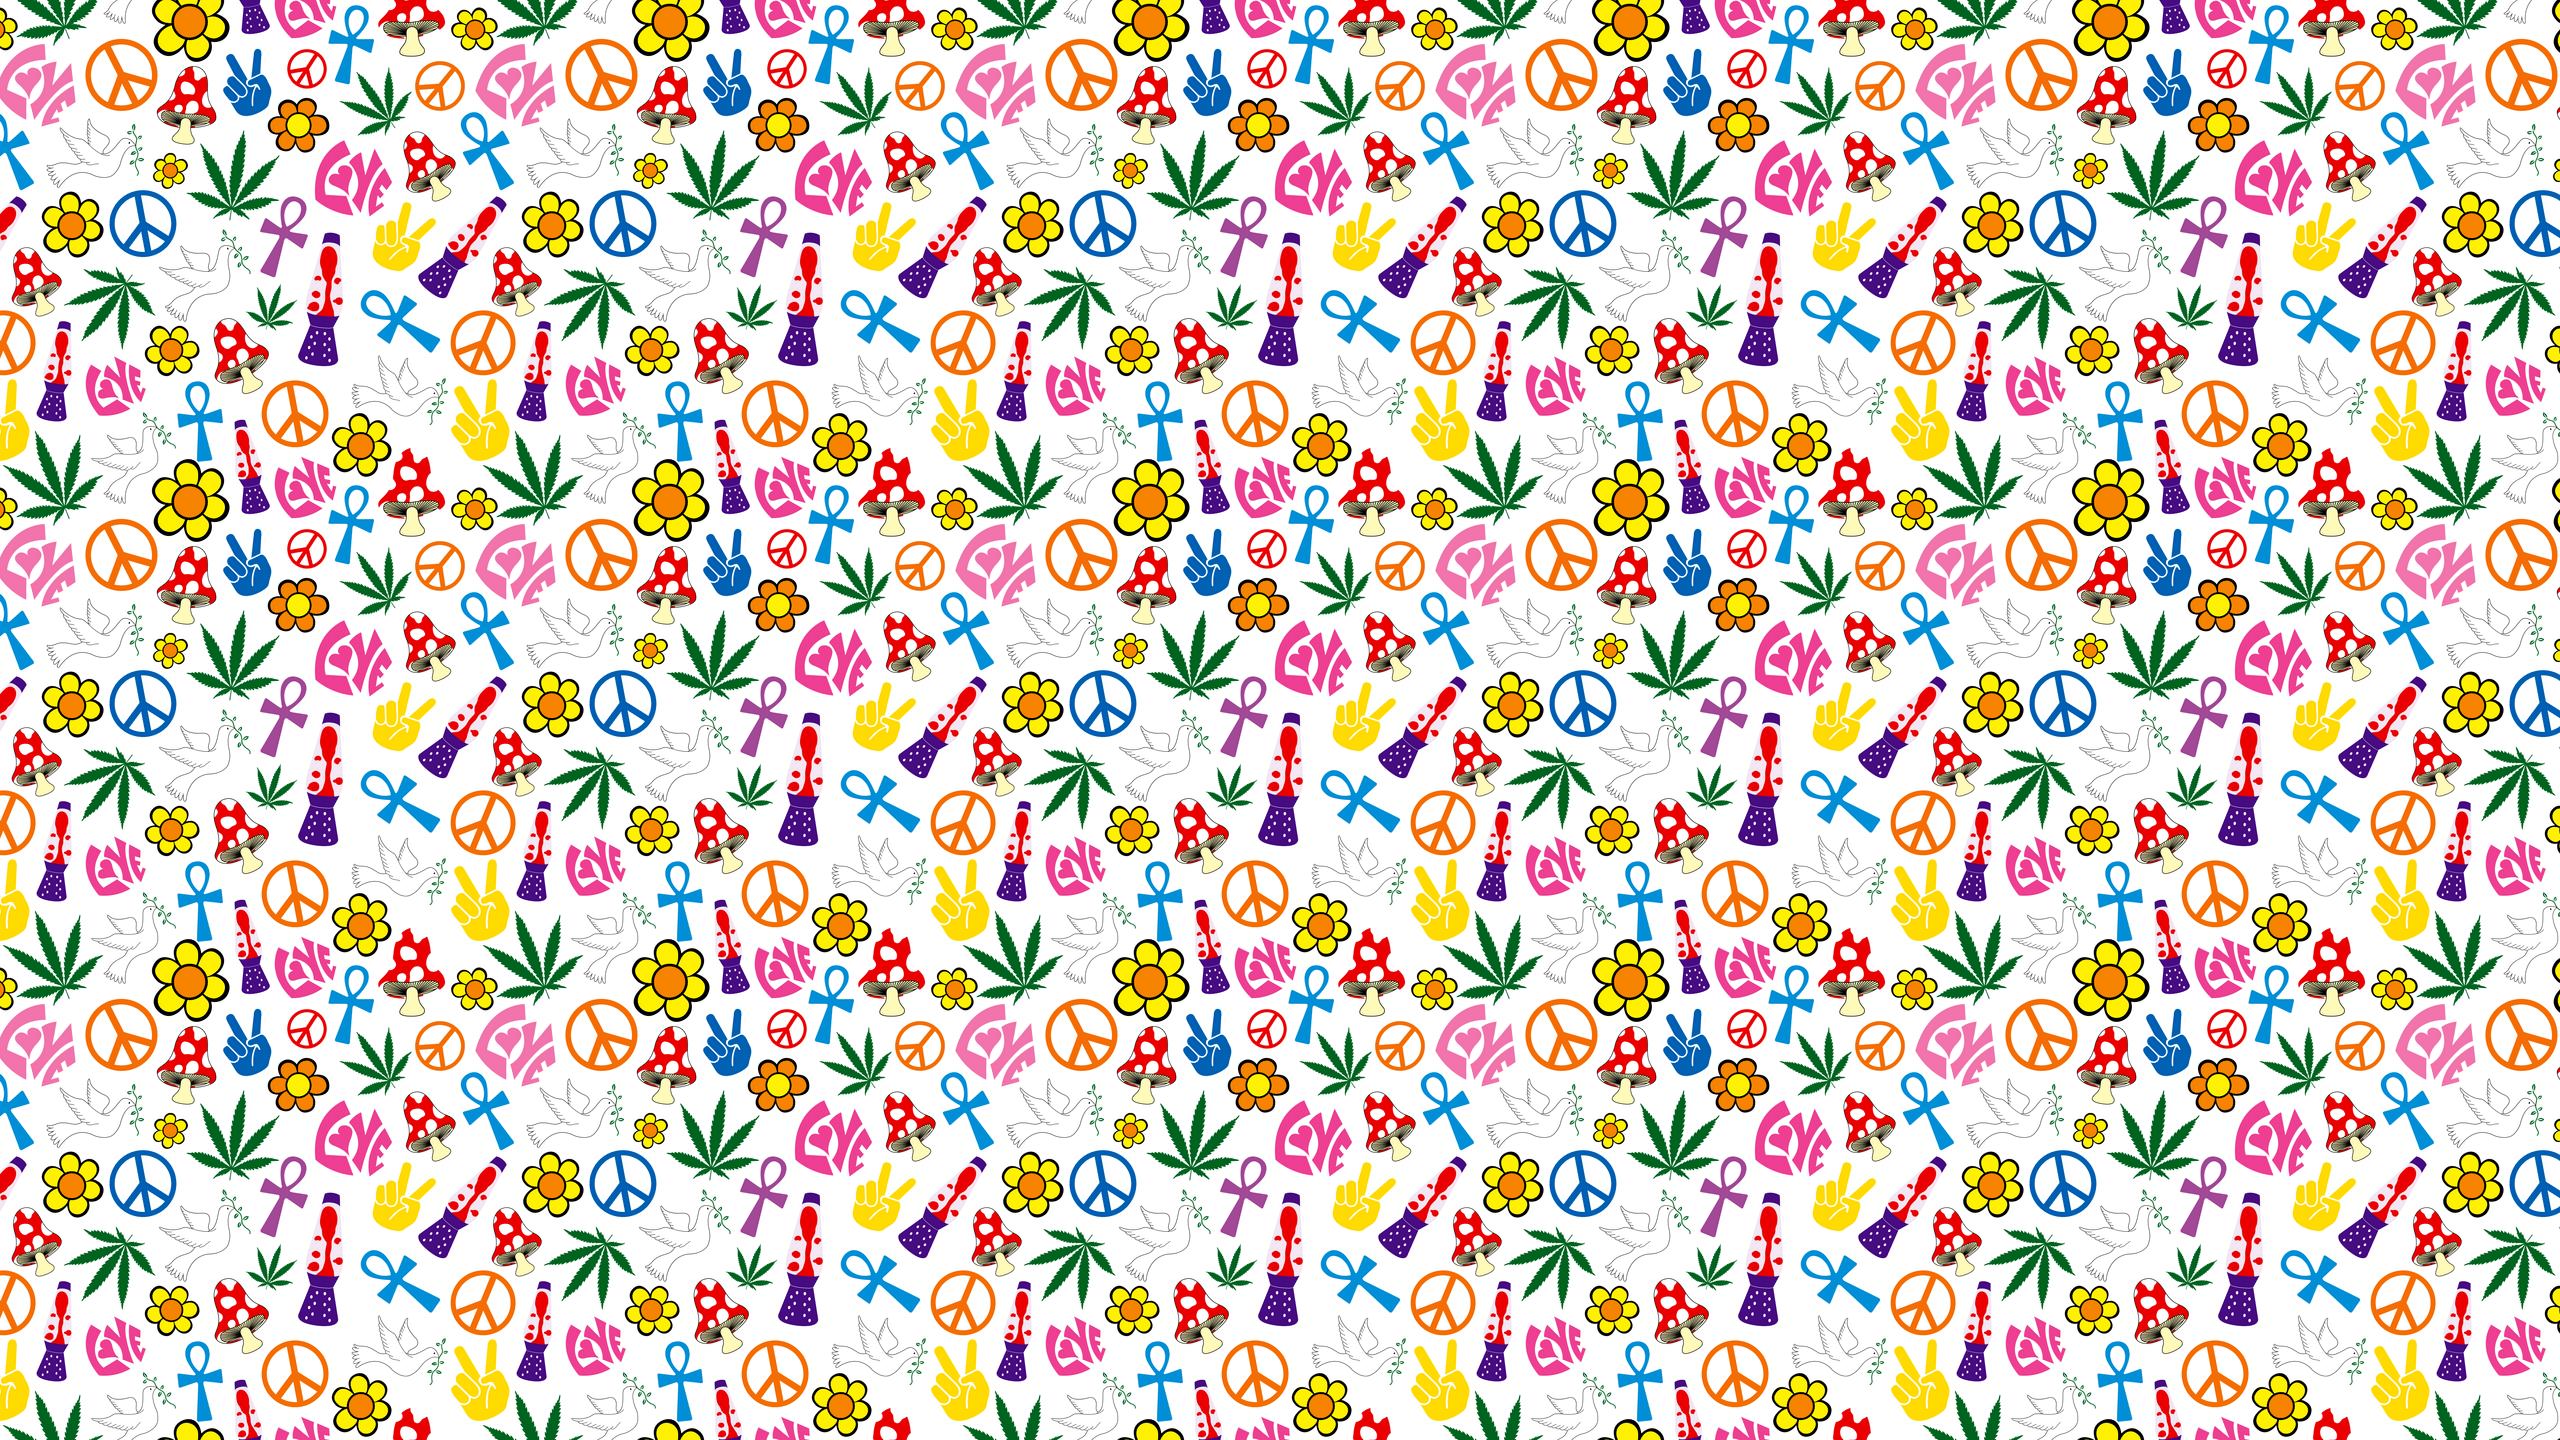 World Peace Desktop Wallpaper 2560x1440